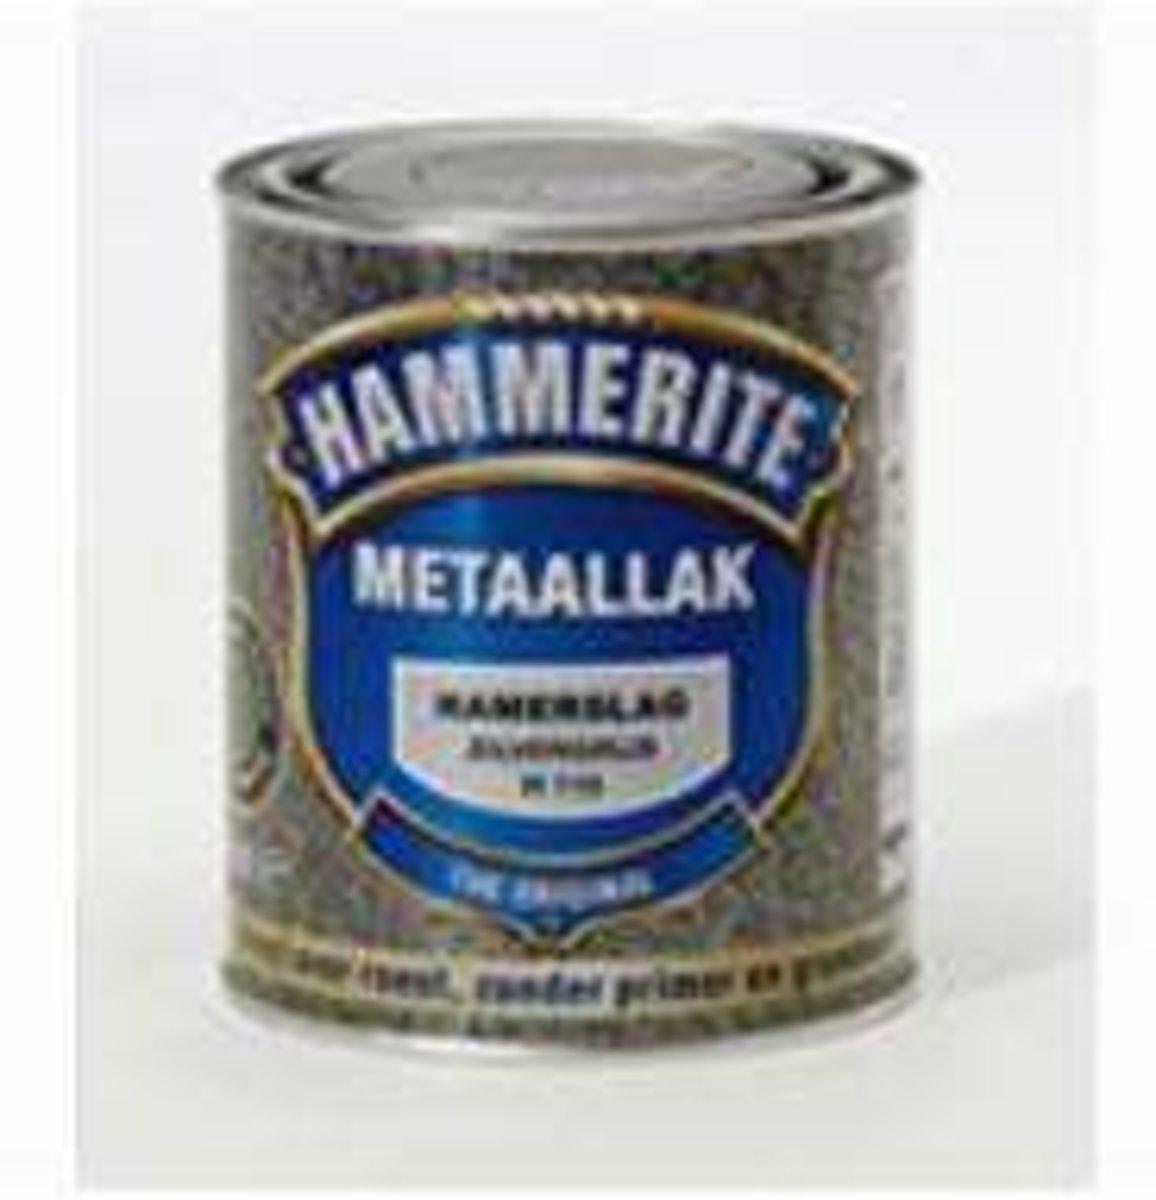 Hammerite Metaallak Hamerslag Zilvergrijs H115 - 250 ml